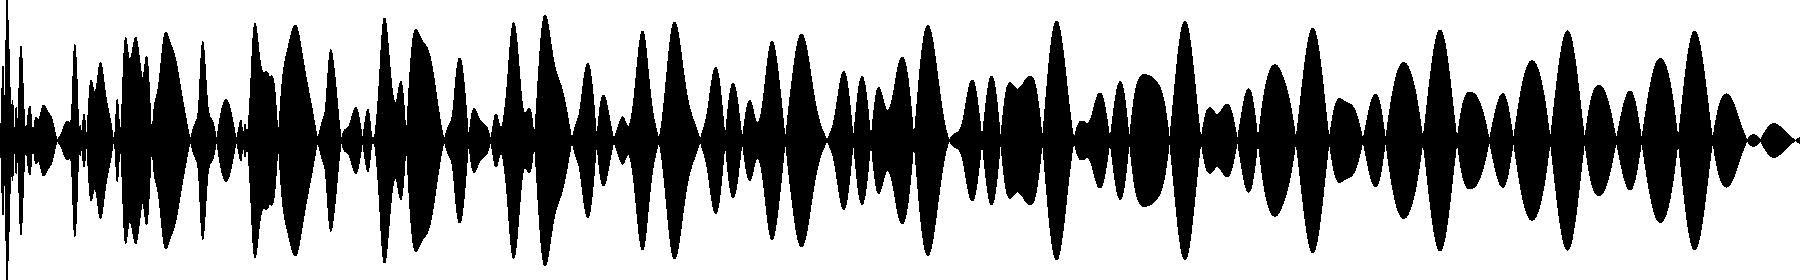 vedh bass cut 035 c